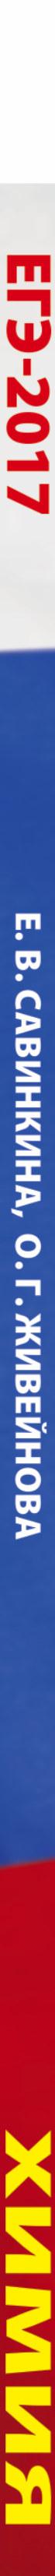 ЕГЭ-2017. Химия. 10 тренировочных вариантов экзаменационных работ для подготовки к единому государственному экзамену